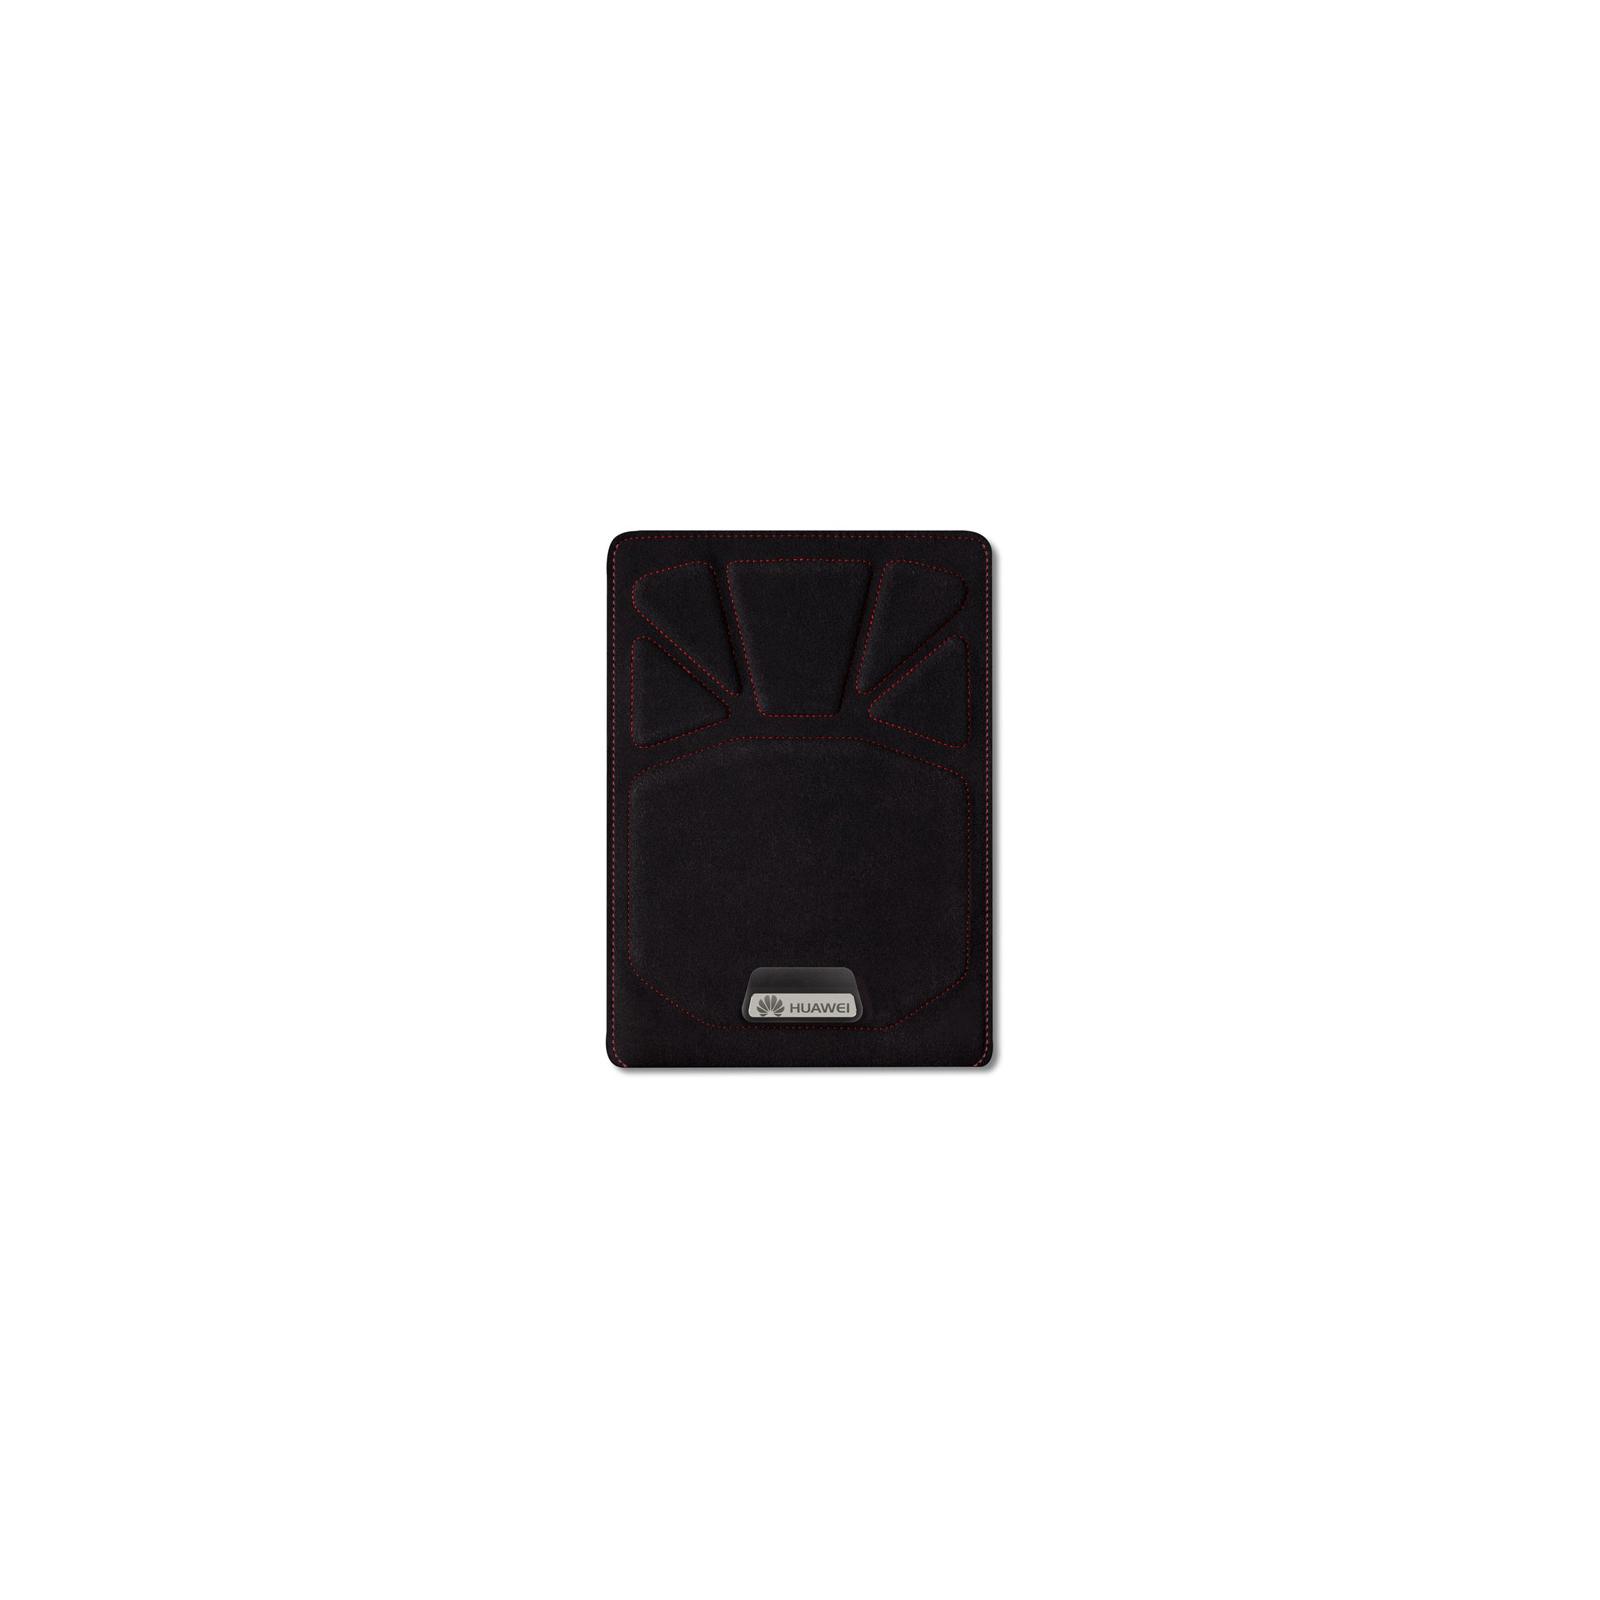 Чехол для планшета Huawei 7 MediaPad Microfiber Case Folding (51990175) изображение 2